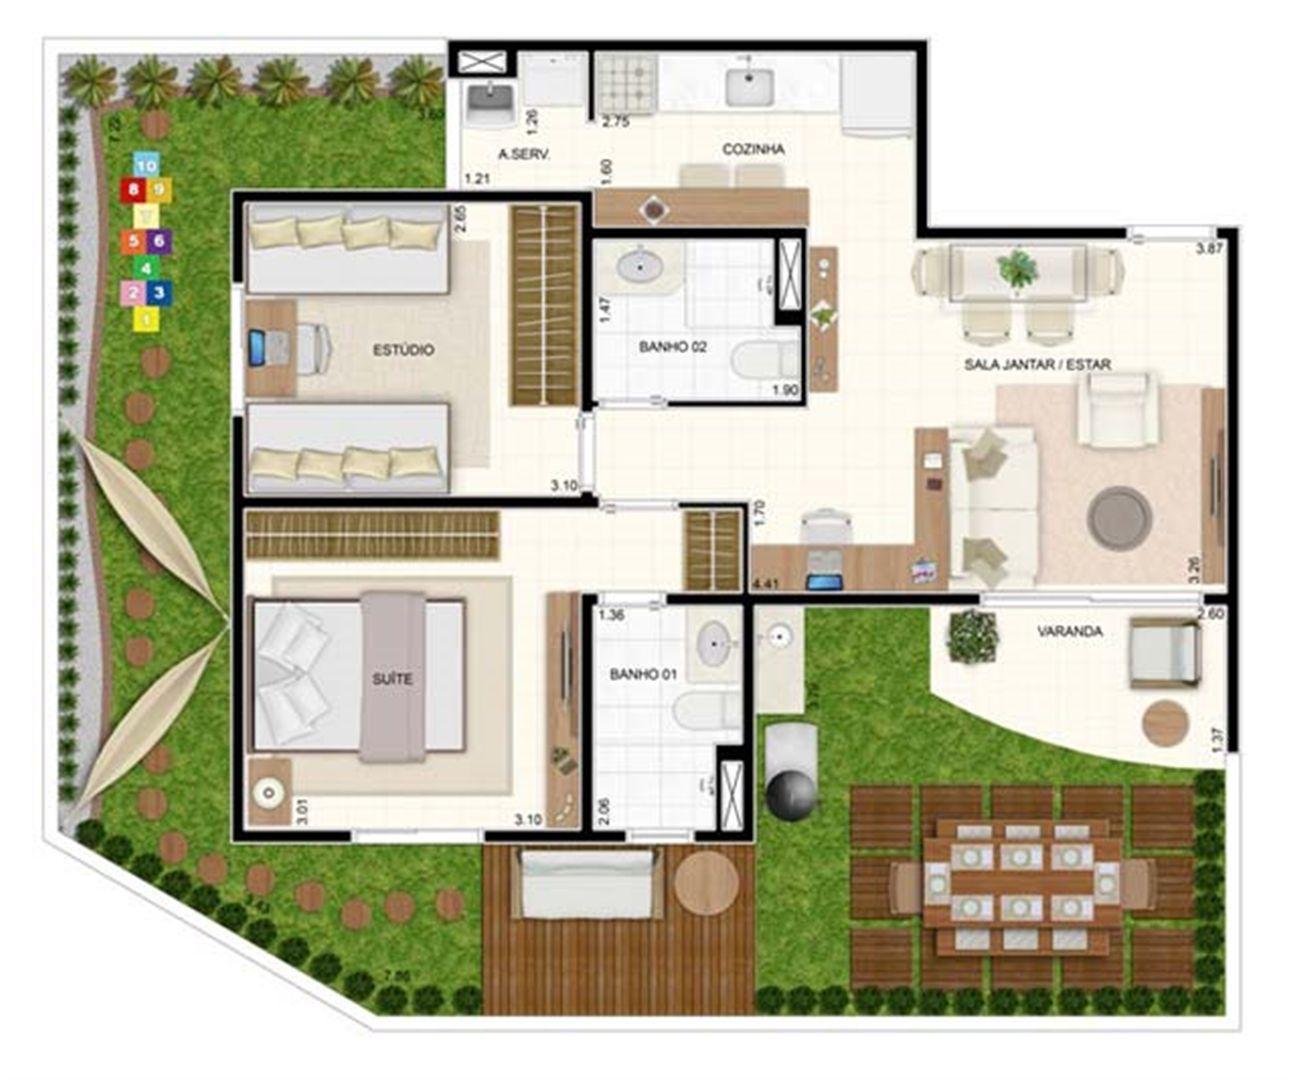 Giardino 2 dorms com Suíte 93,56m²   Vita 2 Residencial Clube – Apartamento no  Pitimbu - Natal - Rio Grande do Norte